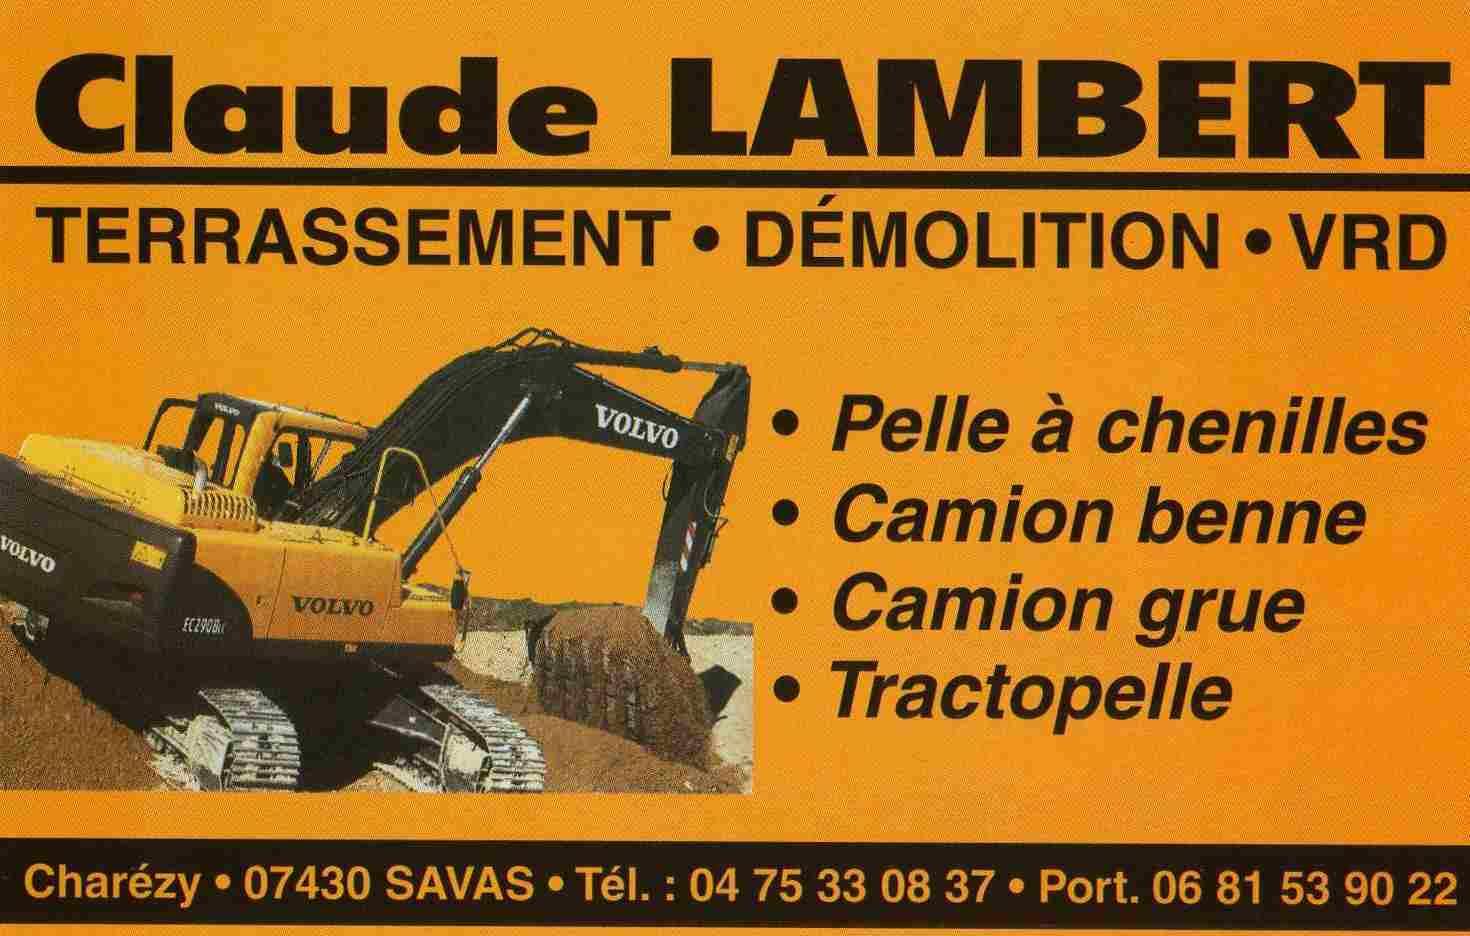 LAMBERT CLAUDE TP